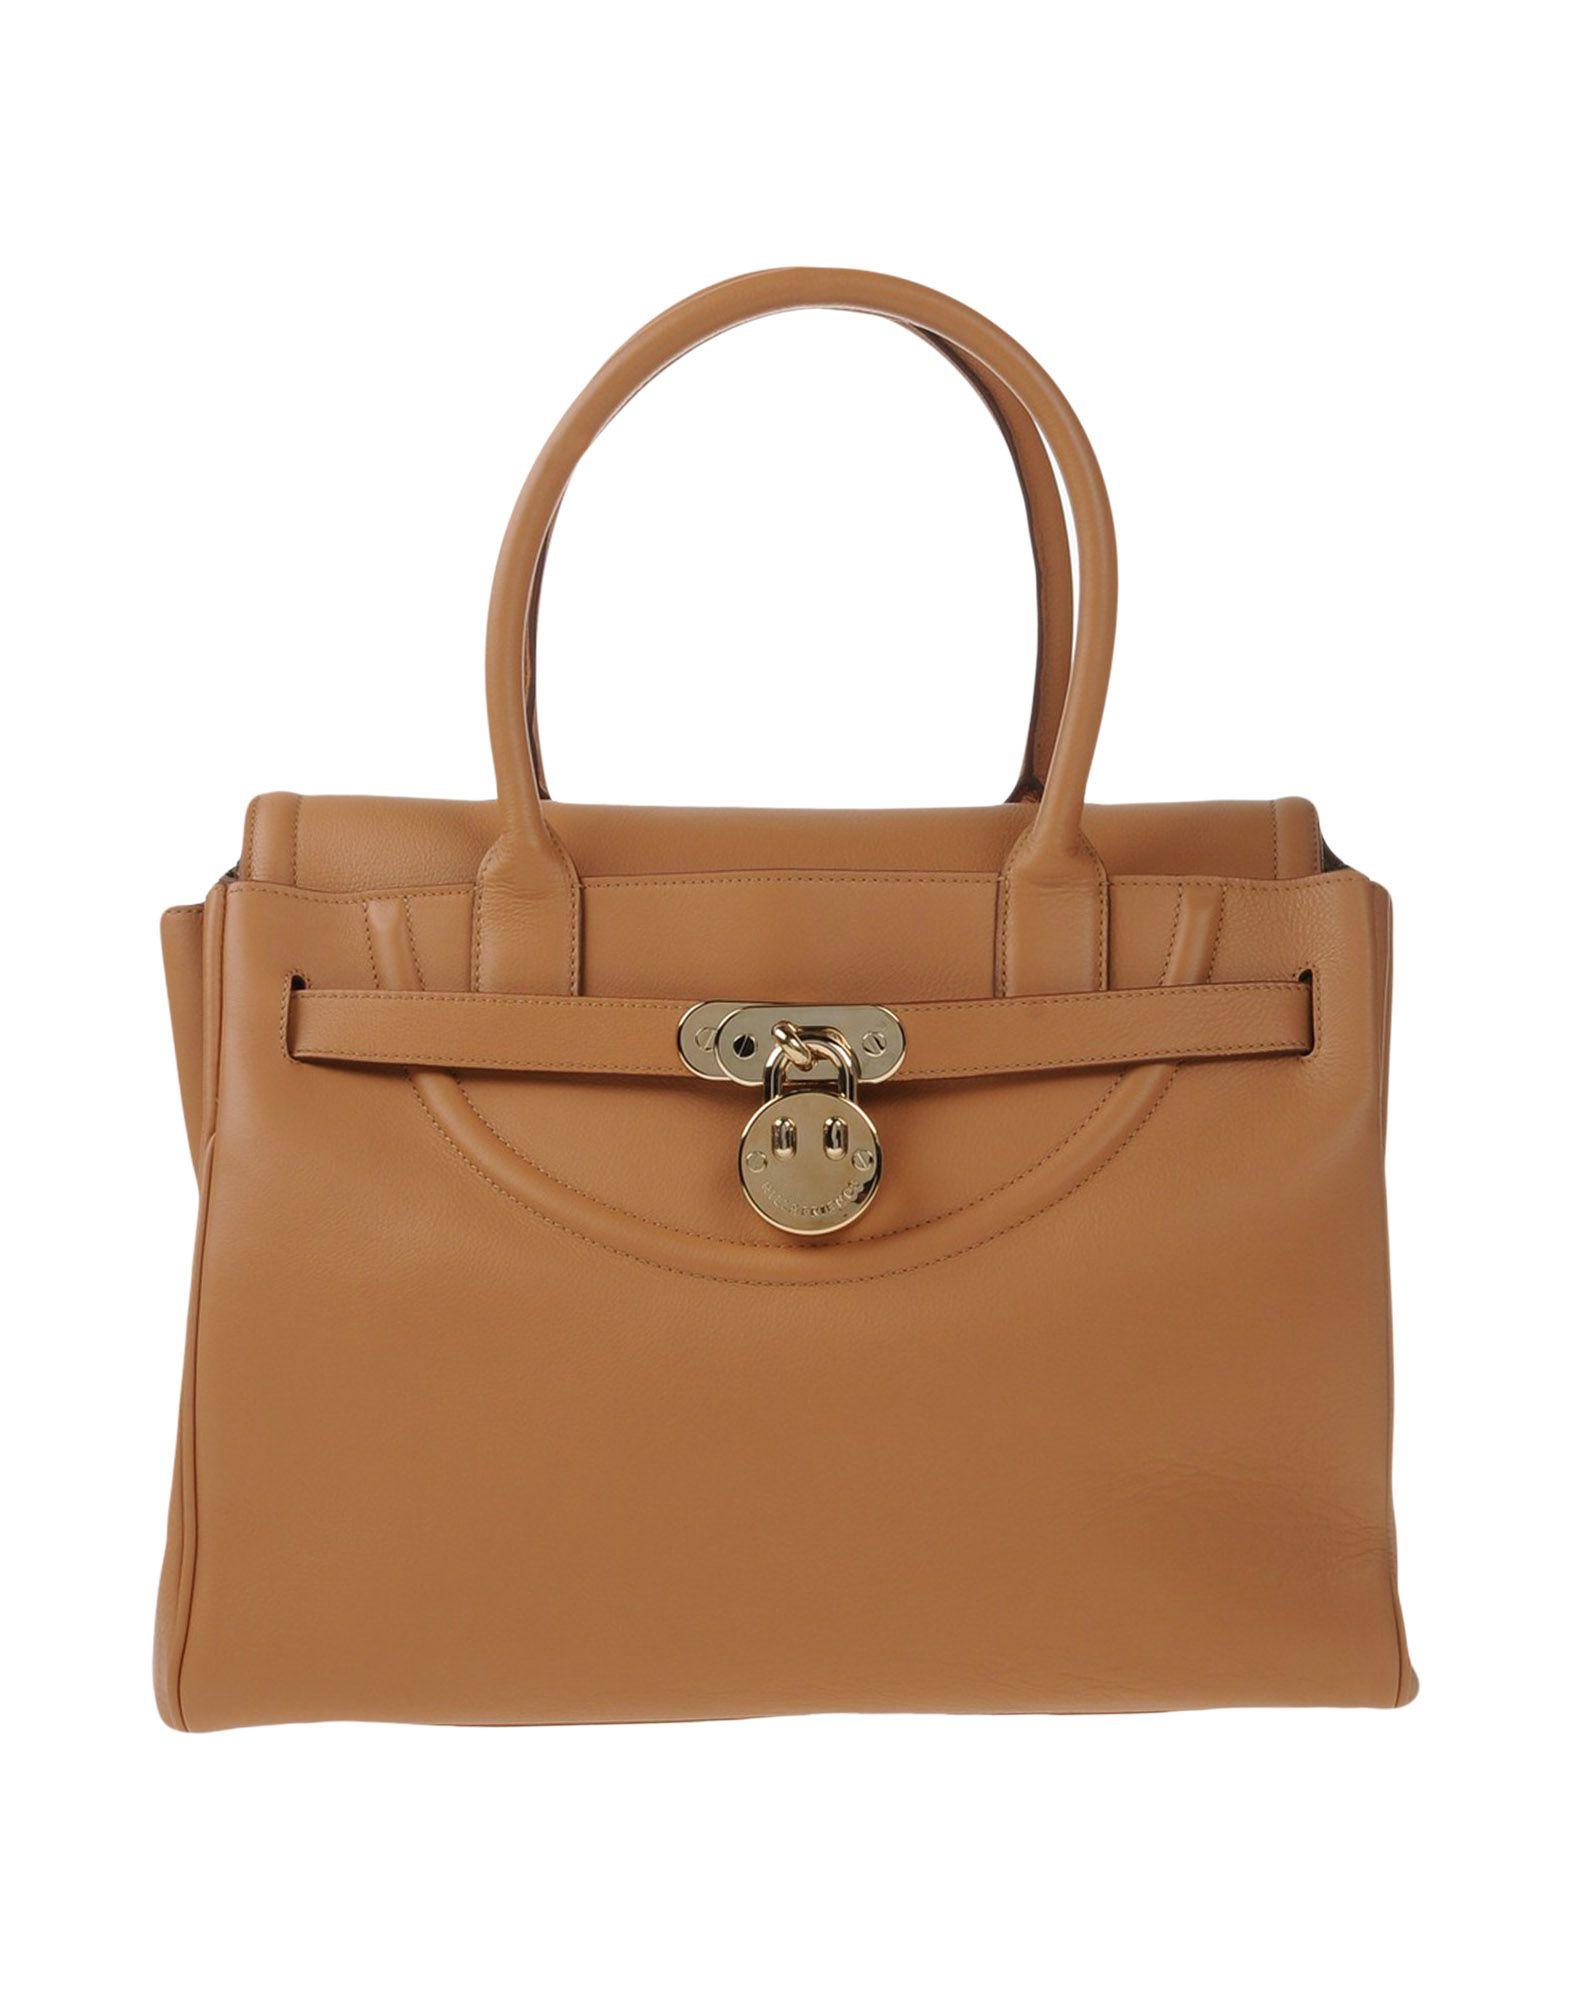 HILL & FRIENDS Handbag in Camel